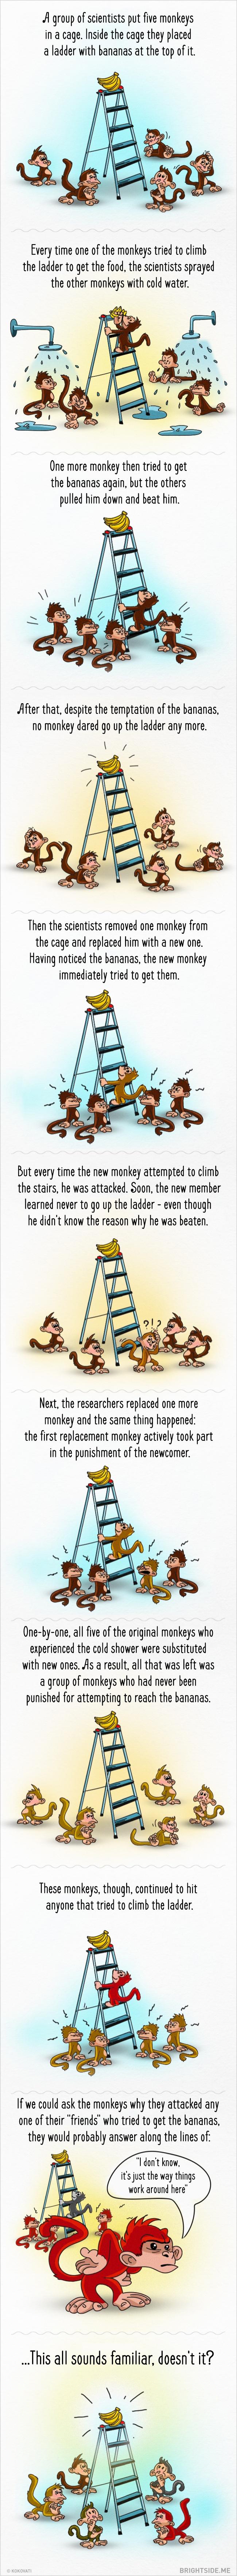 Необичен експеримент ни покажува точно како нашето општество функционира!